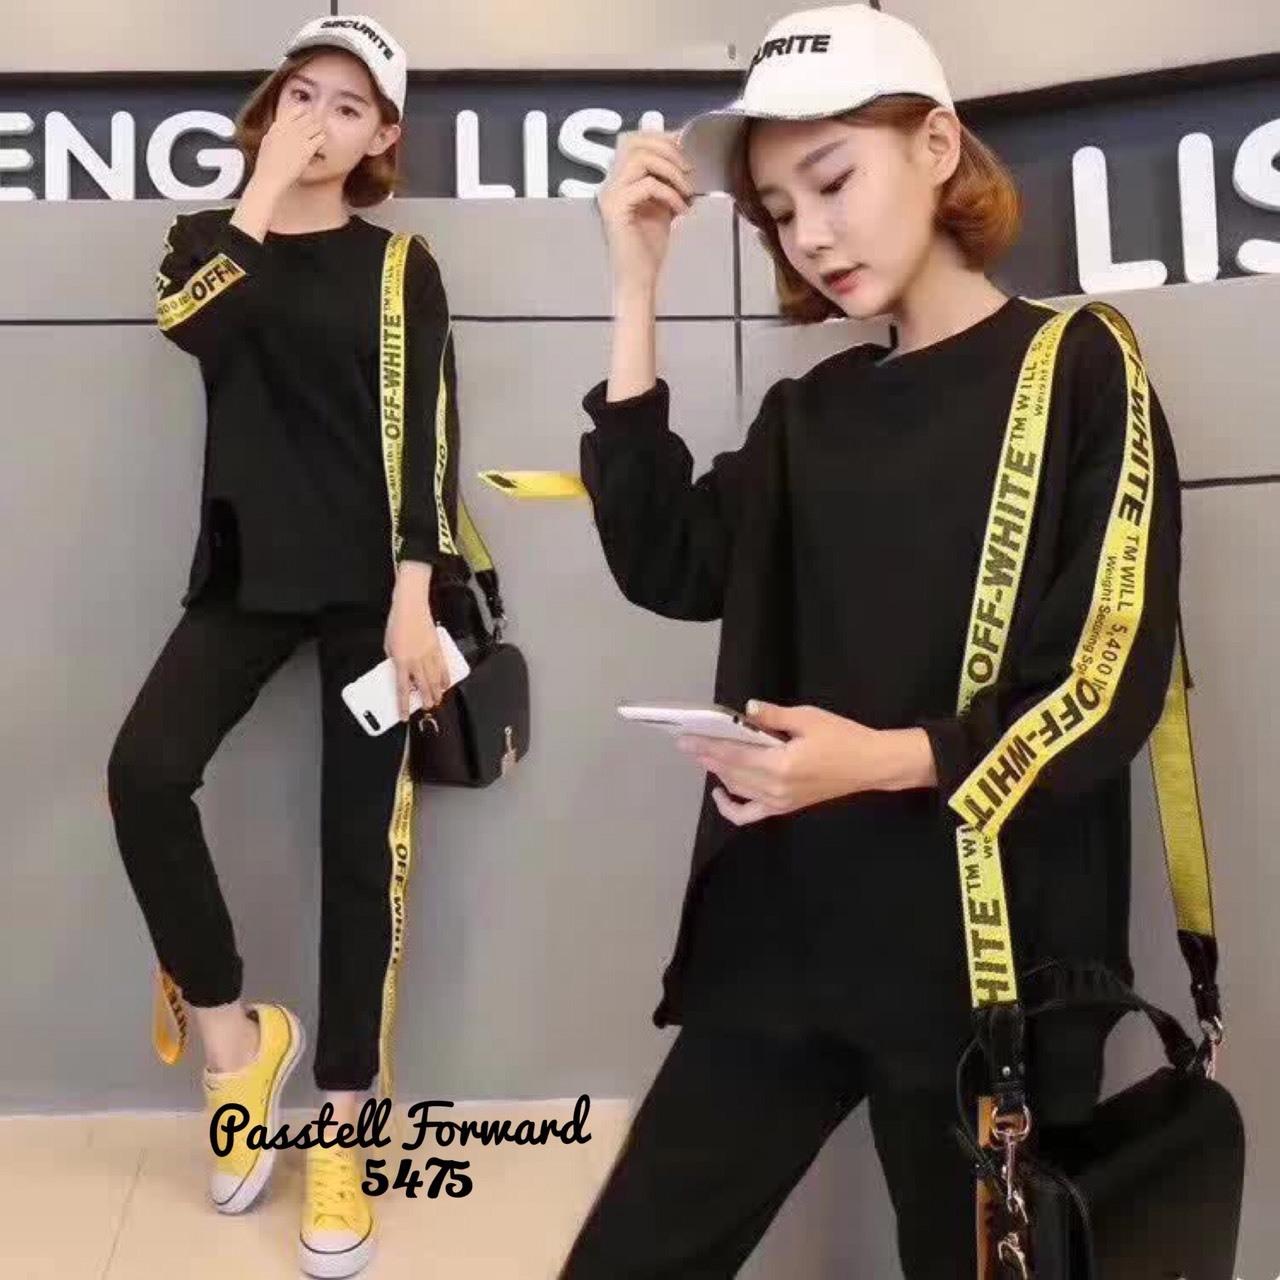 เสื้อผ้าเกาหลี พร้อมส่ง เสื้อแต่งแถบตัวอักษรเหลืองดำตัดกัน